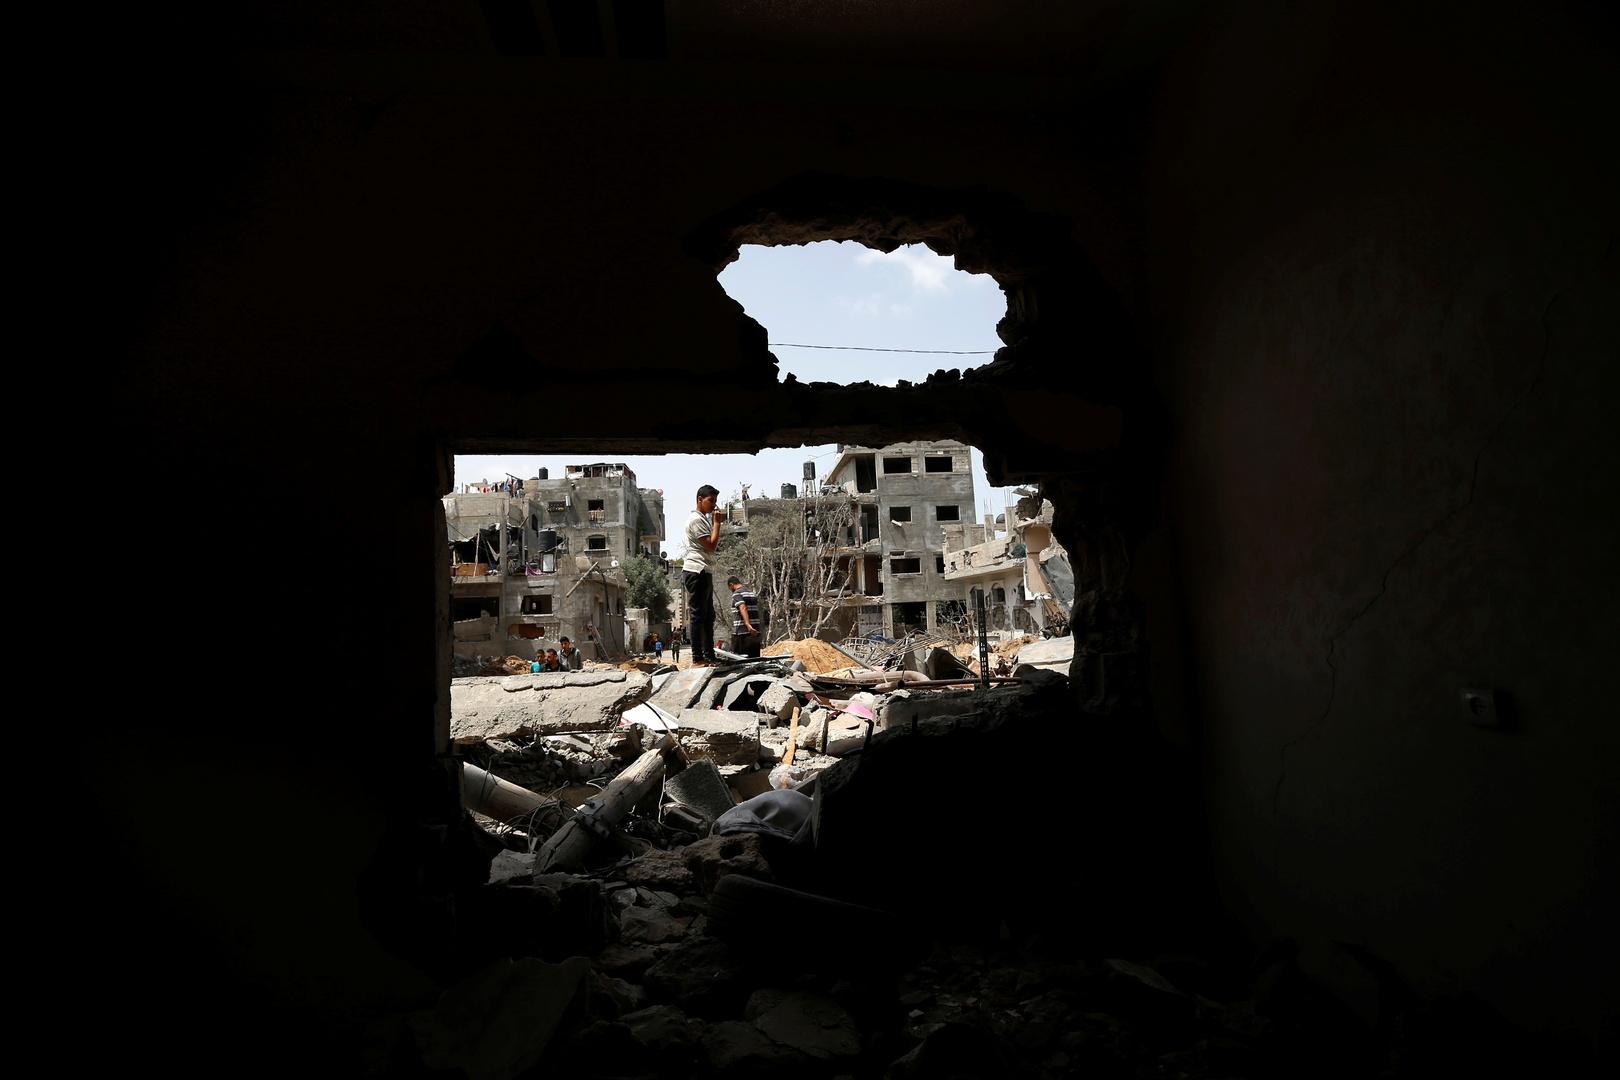 سقوط قتيلين جراء انفجار في موقع تابع للمقاومة الفلسطينية في غزة